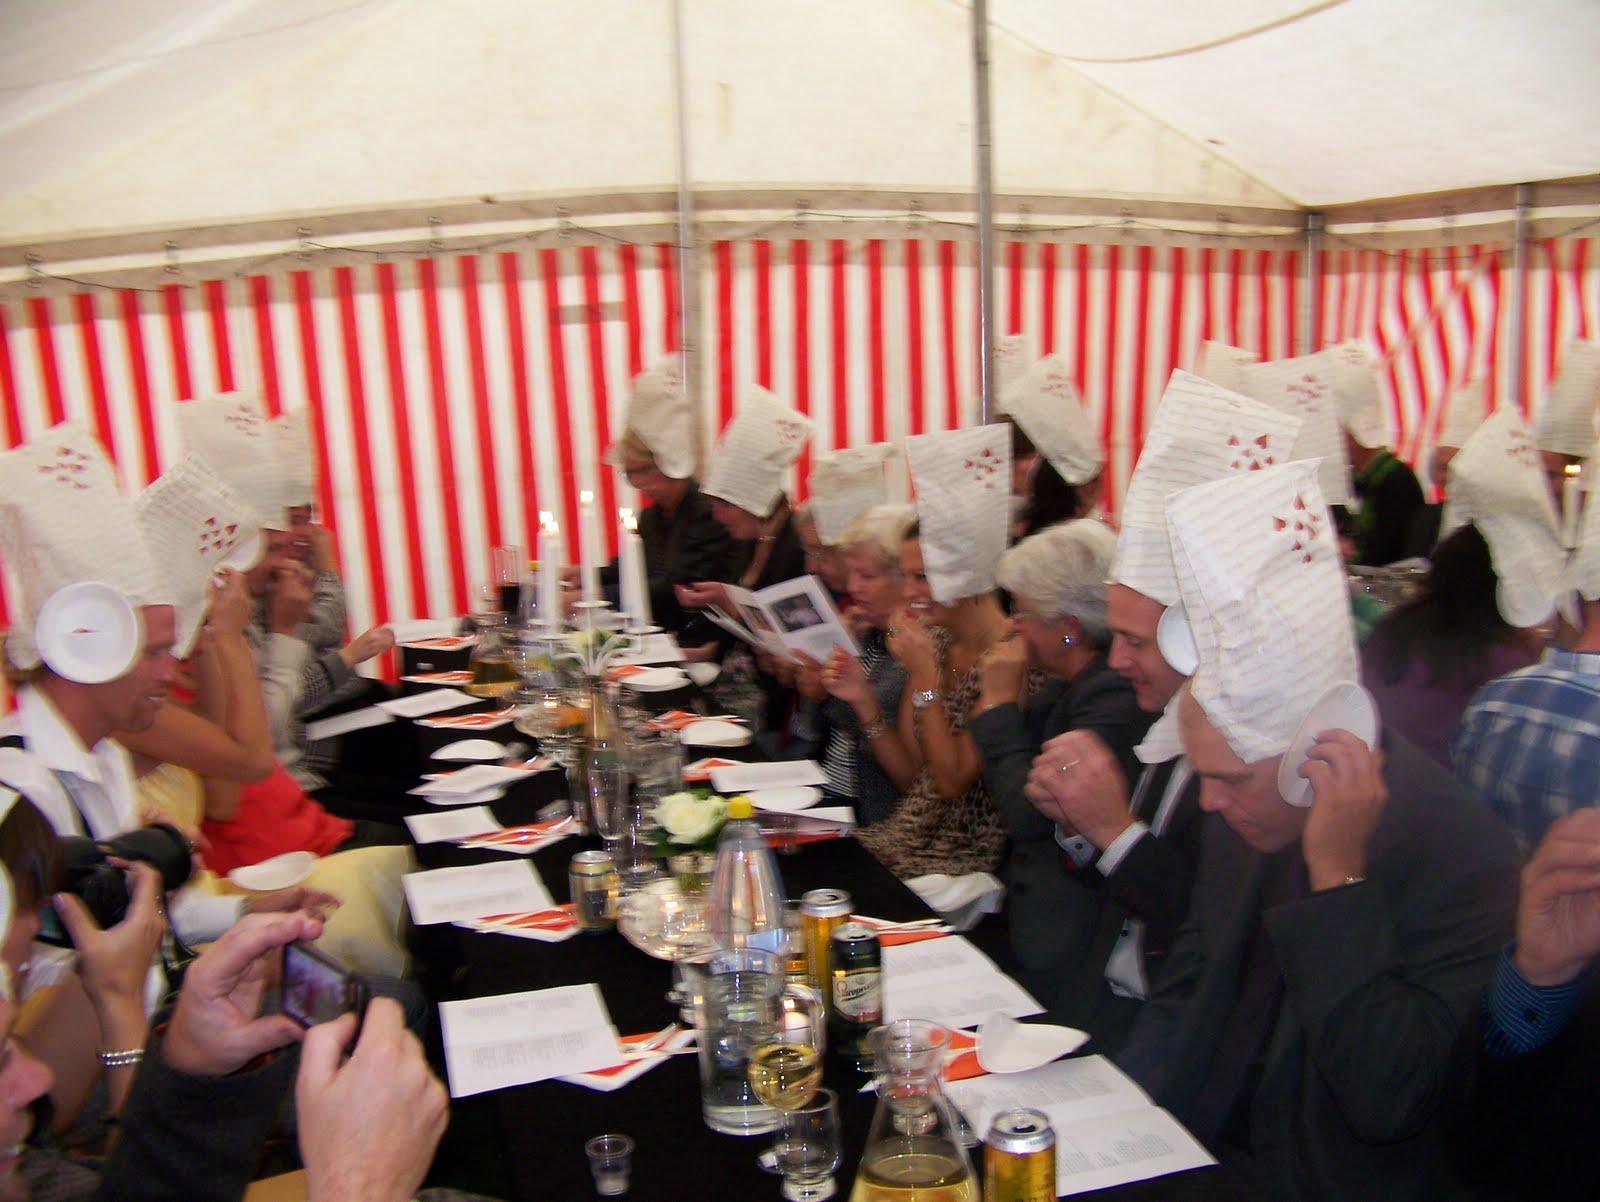 lekar på 40 års fest Triss i tösar: 40 års fest /bröllop lekar på 40 års fest